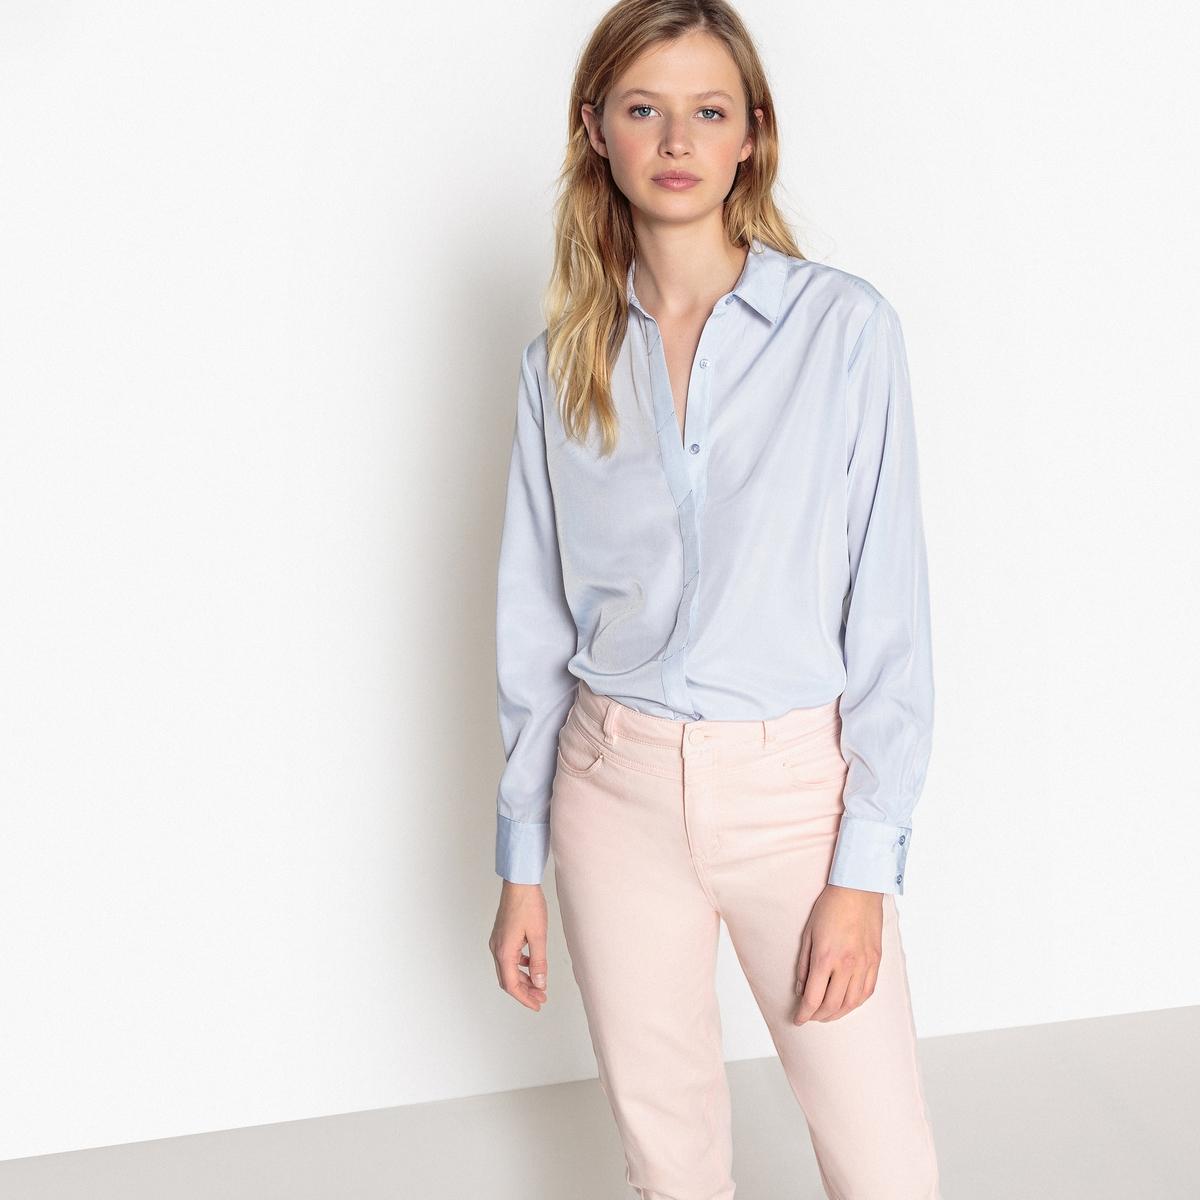 Блузка с блестящим эффектом и скрытой планкой застежки на пуговицы